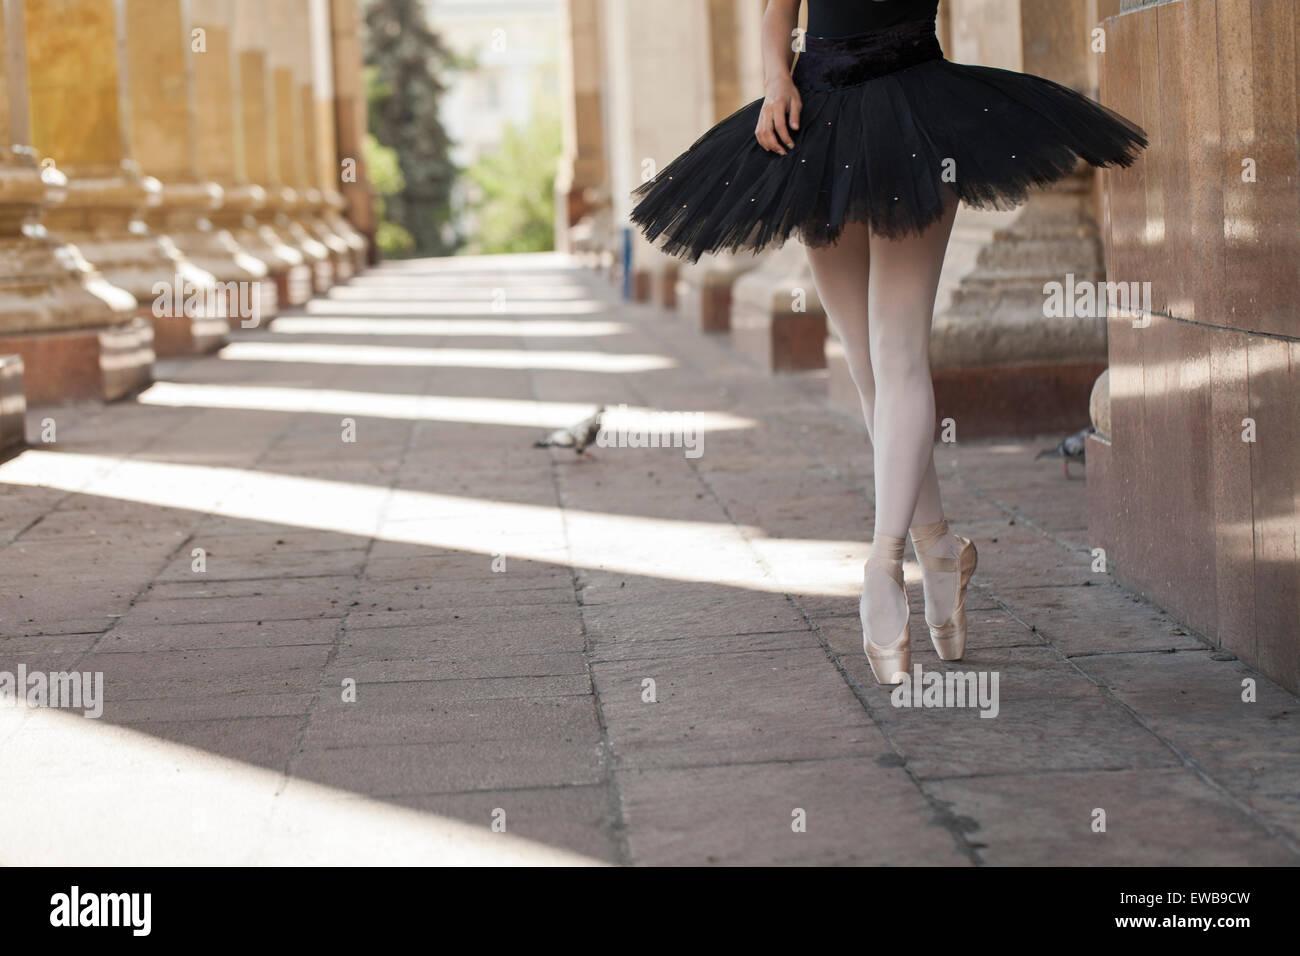 Chica bailarina flats de pie en puntillas Imagen De Stock